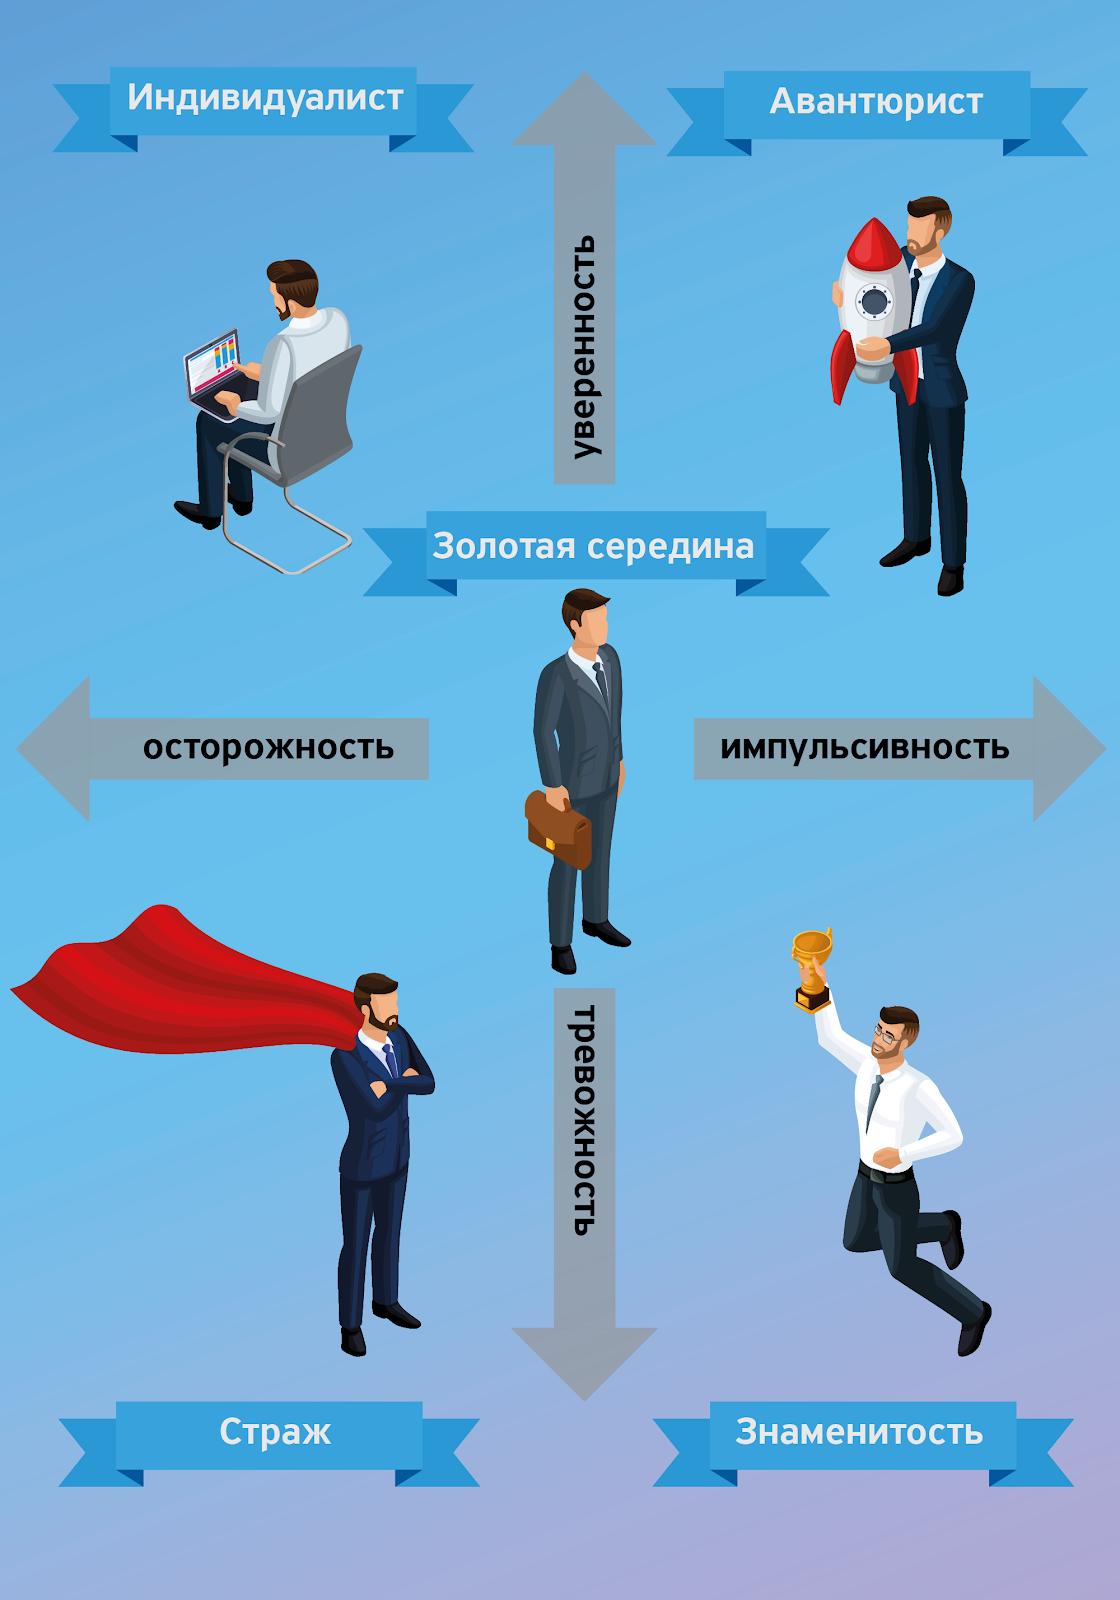 Как ваш характер влияет на стиль инвестирования: команда Тинькофф изучает модели поведения инвесторов